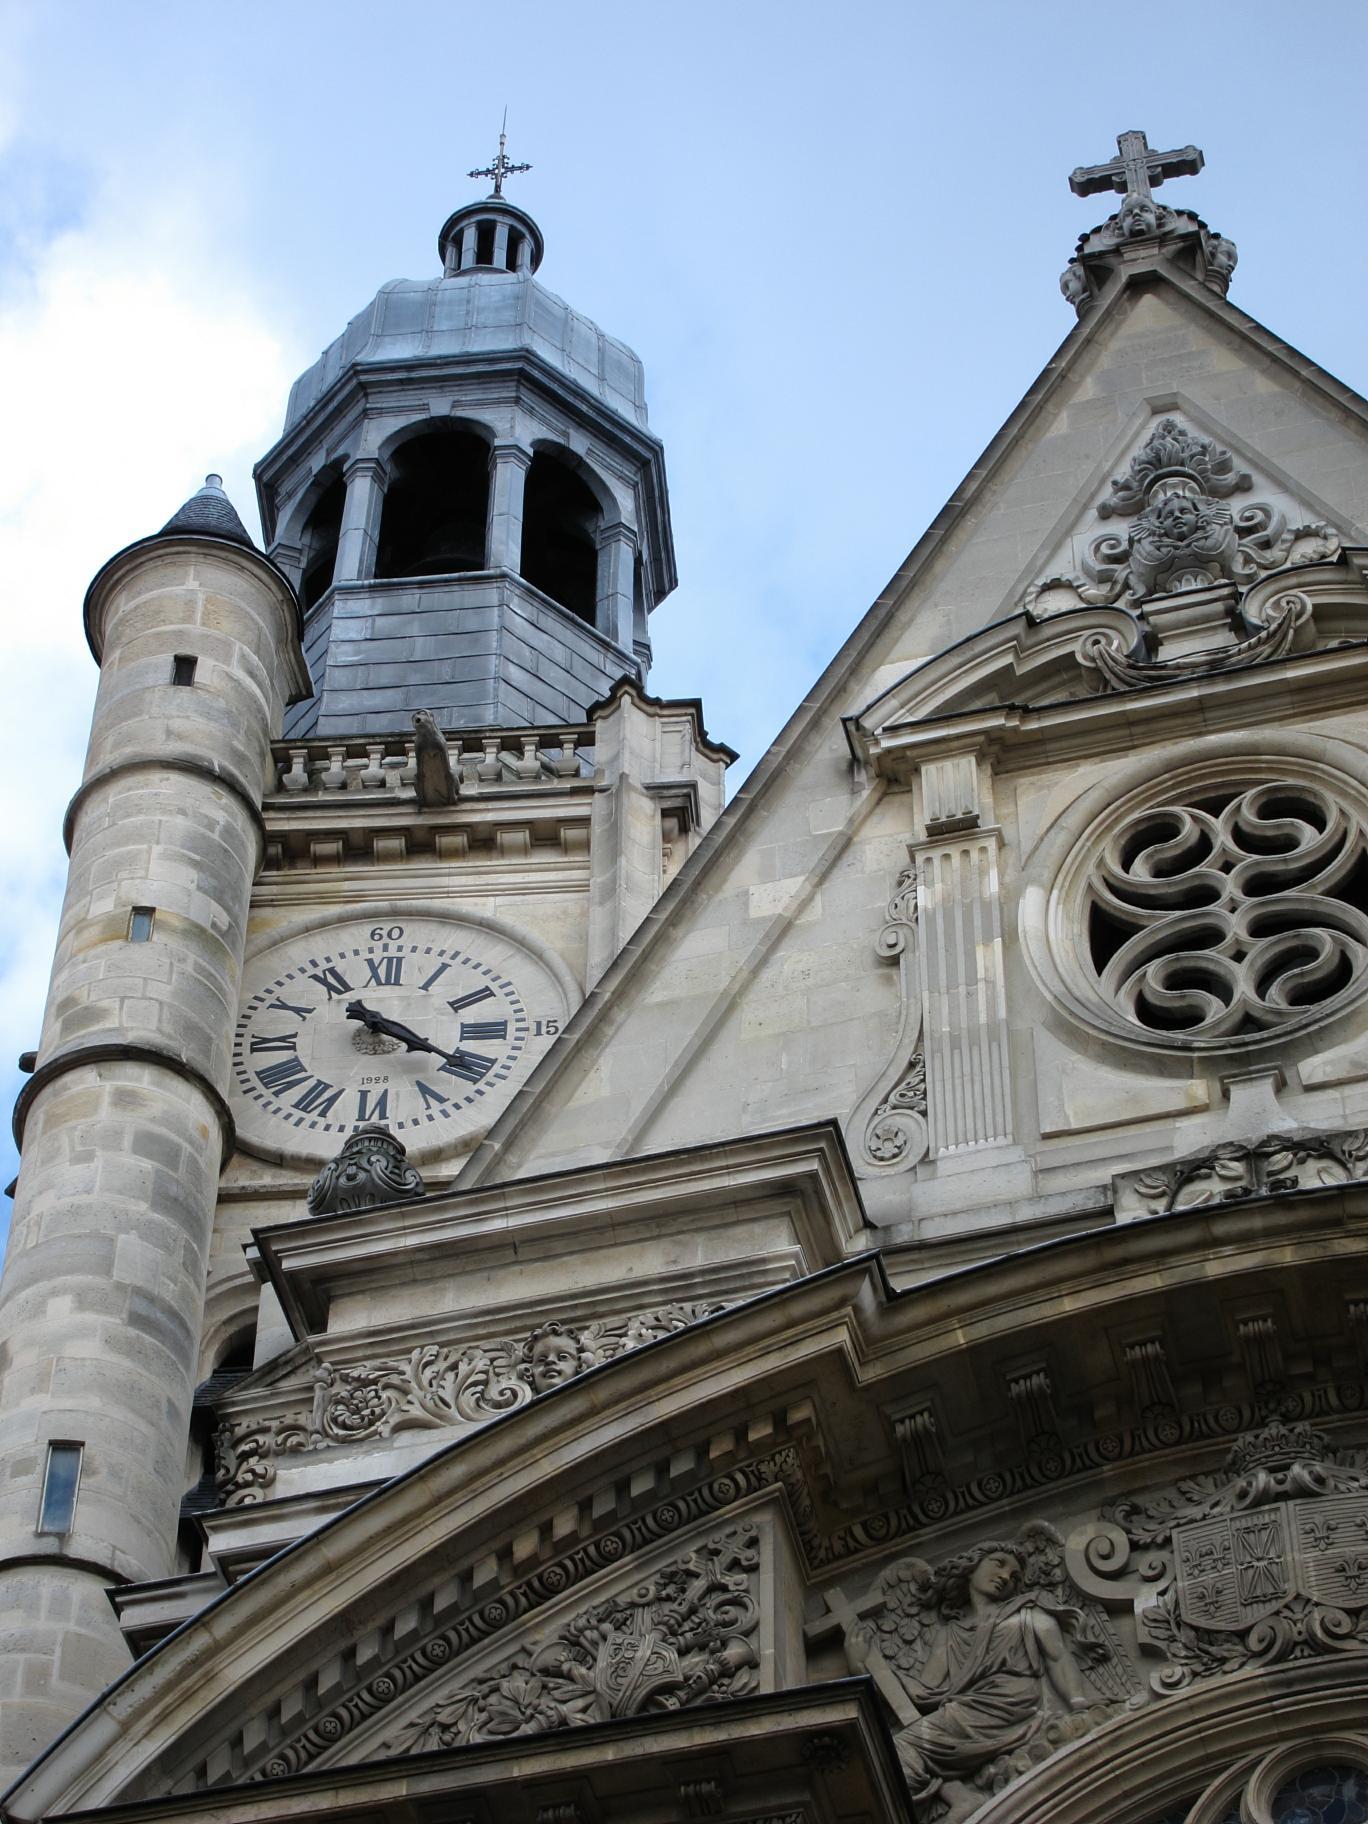 Le mus e des arts et m tiers spring in paris - Musee design st etienne ...